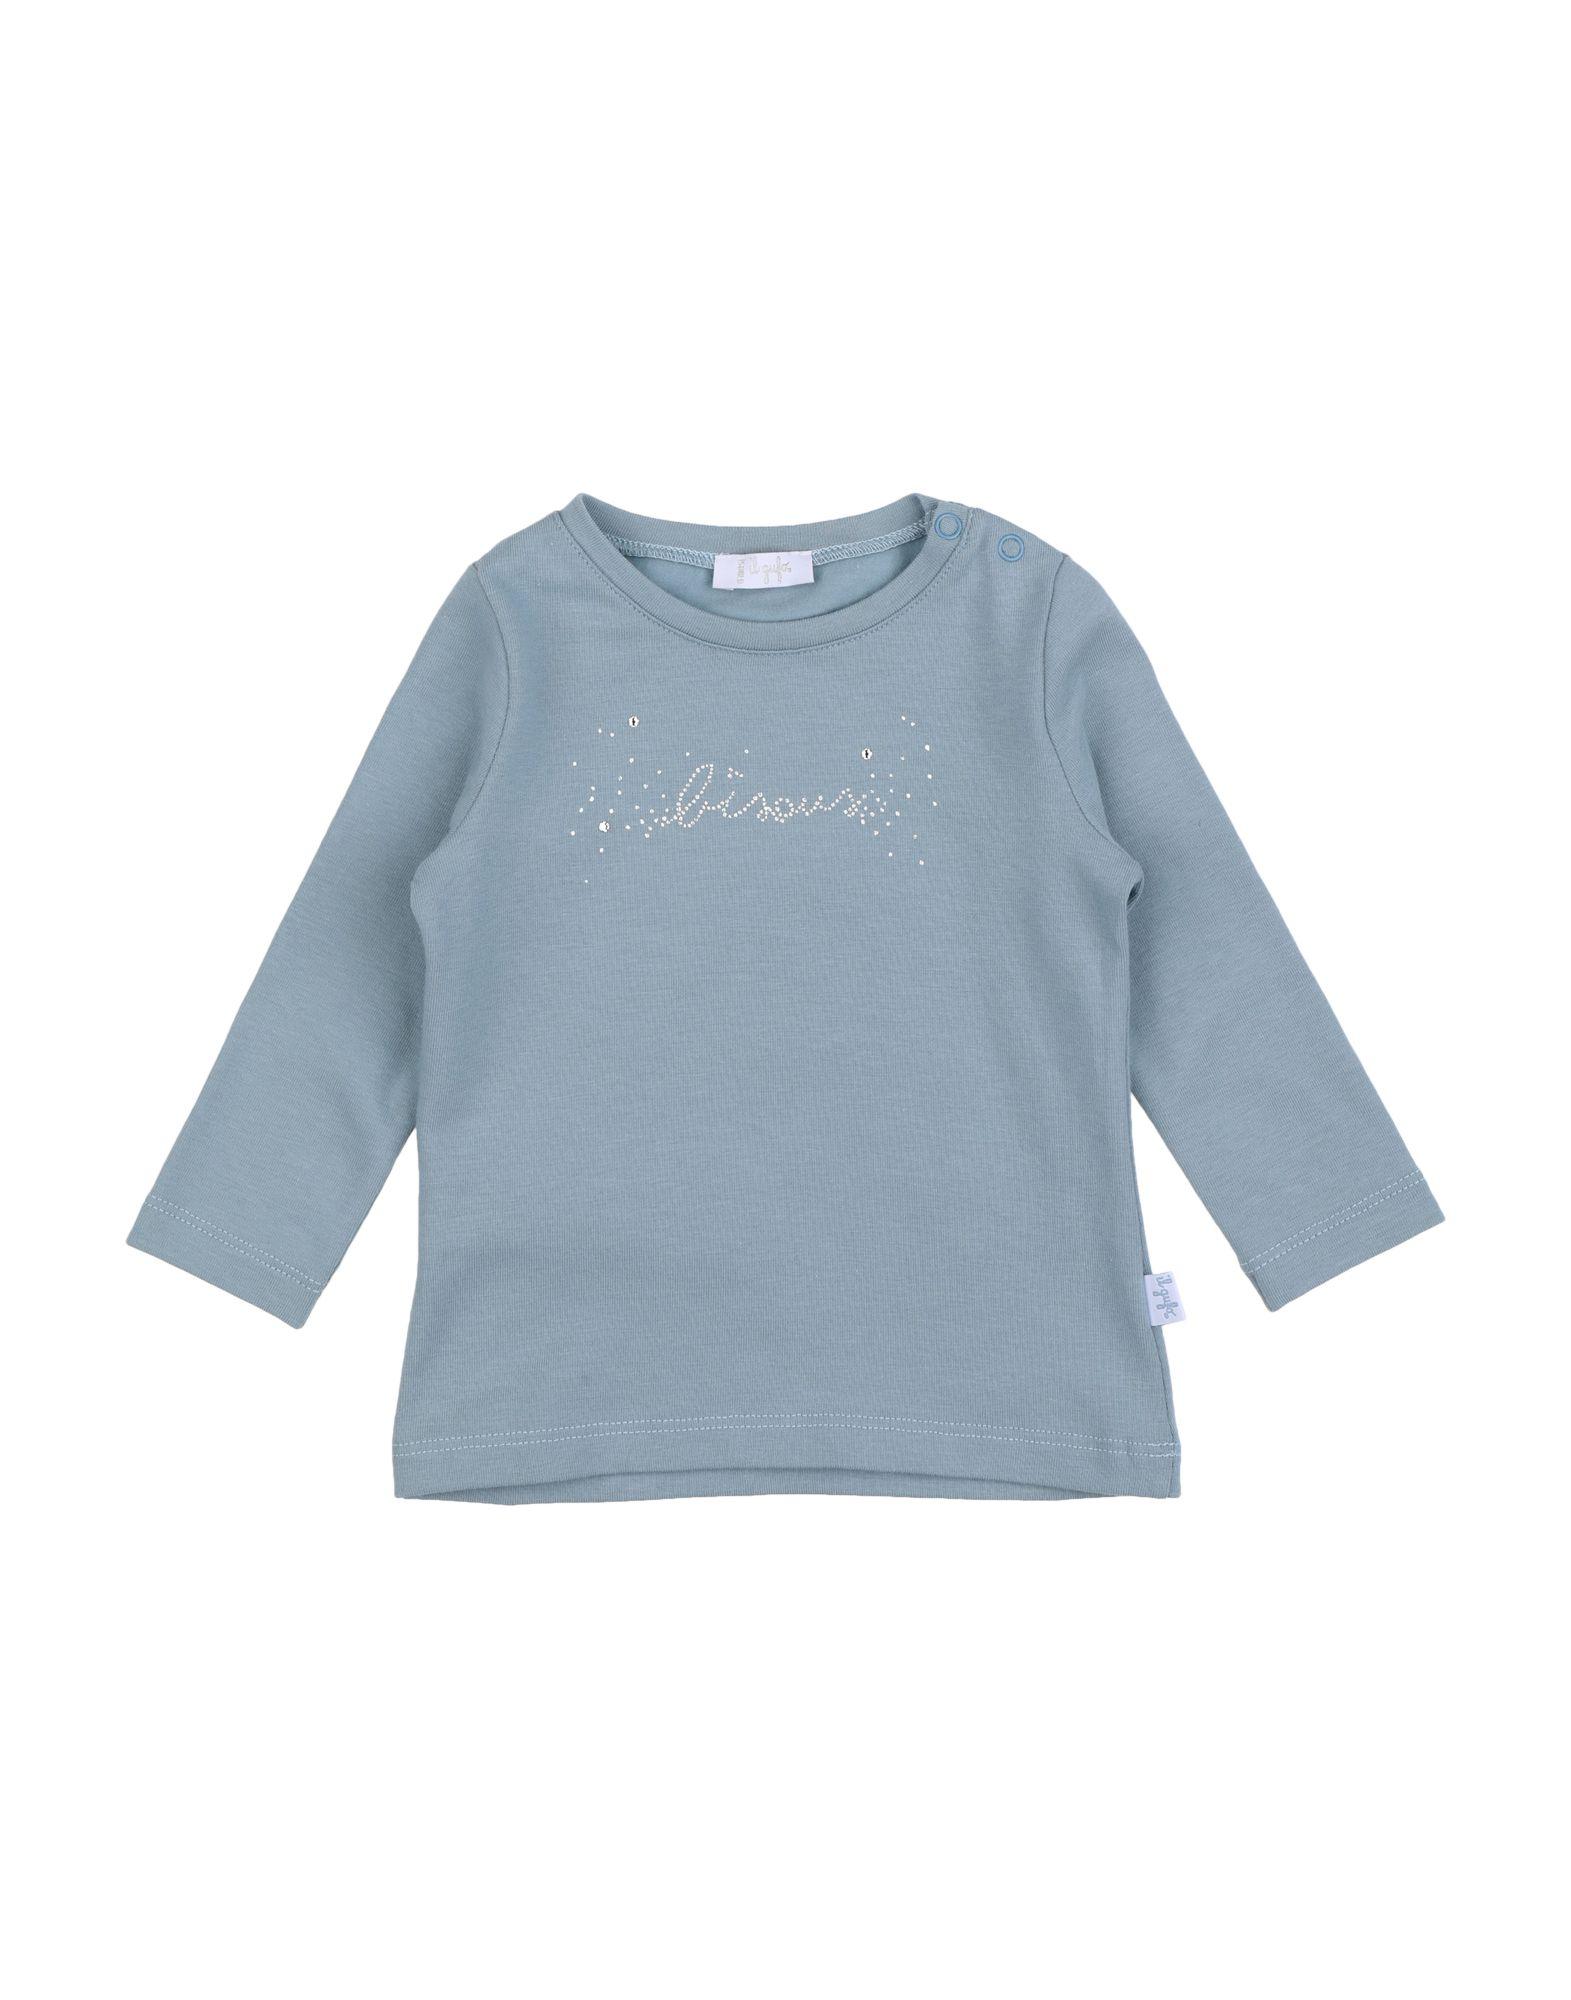 Il Gufo Kids' T-shirts In Blue